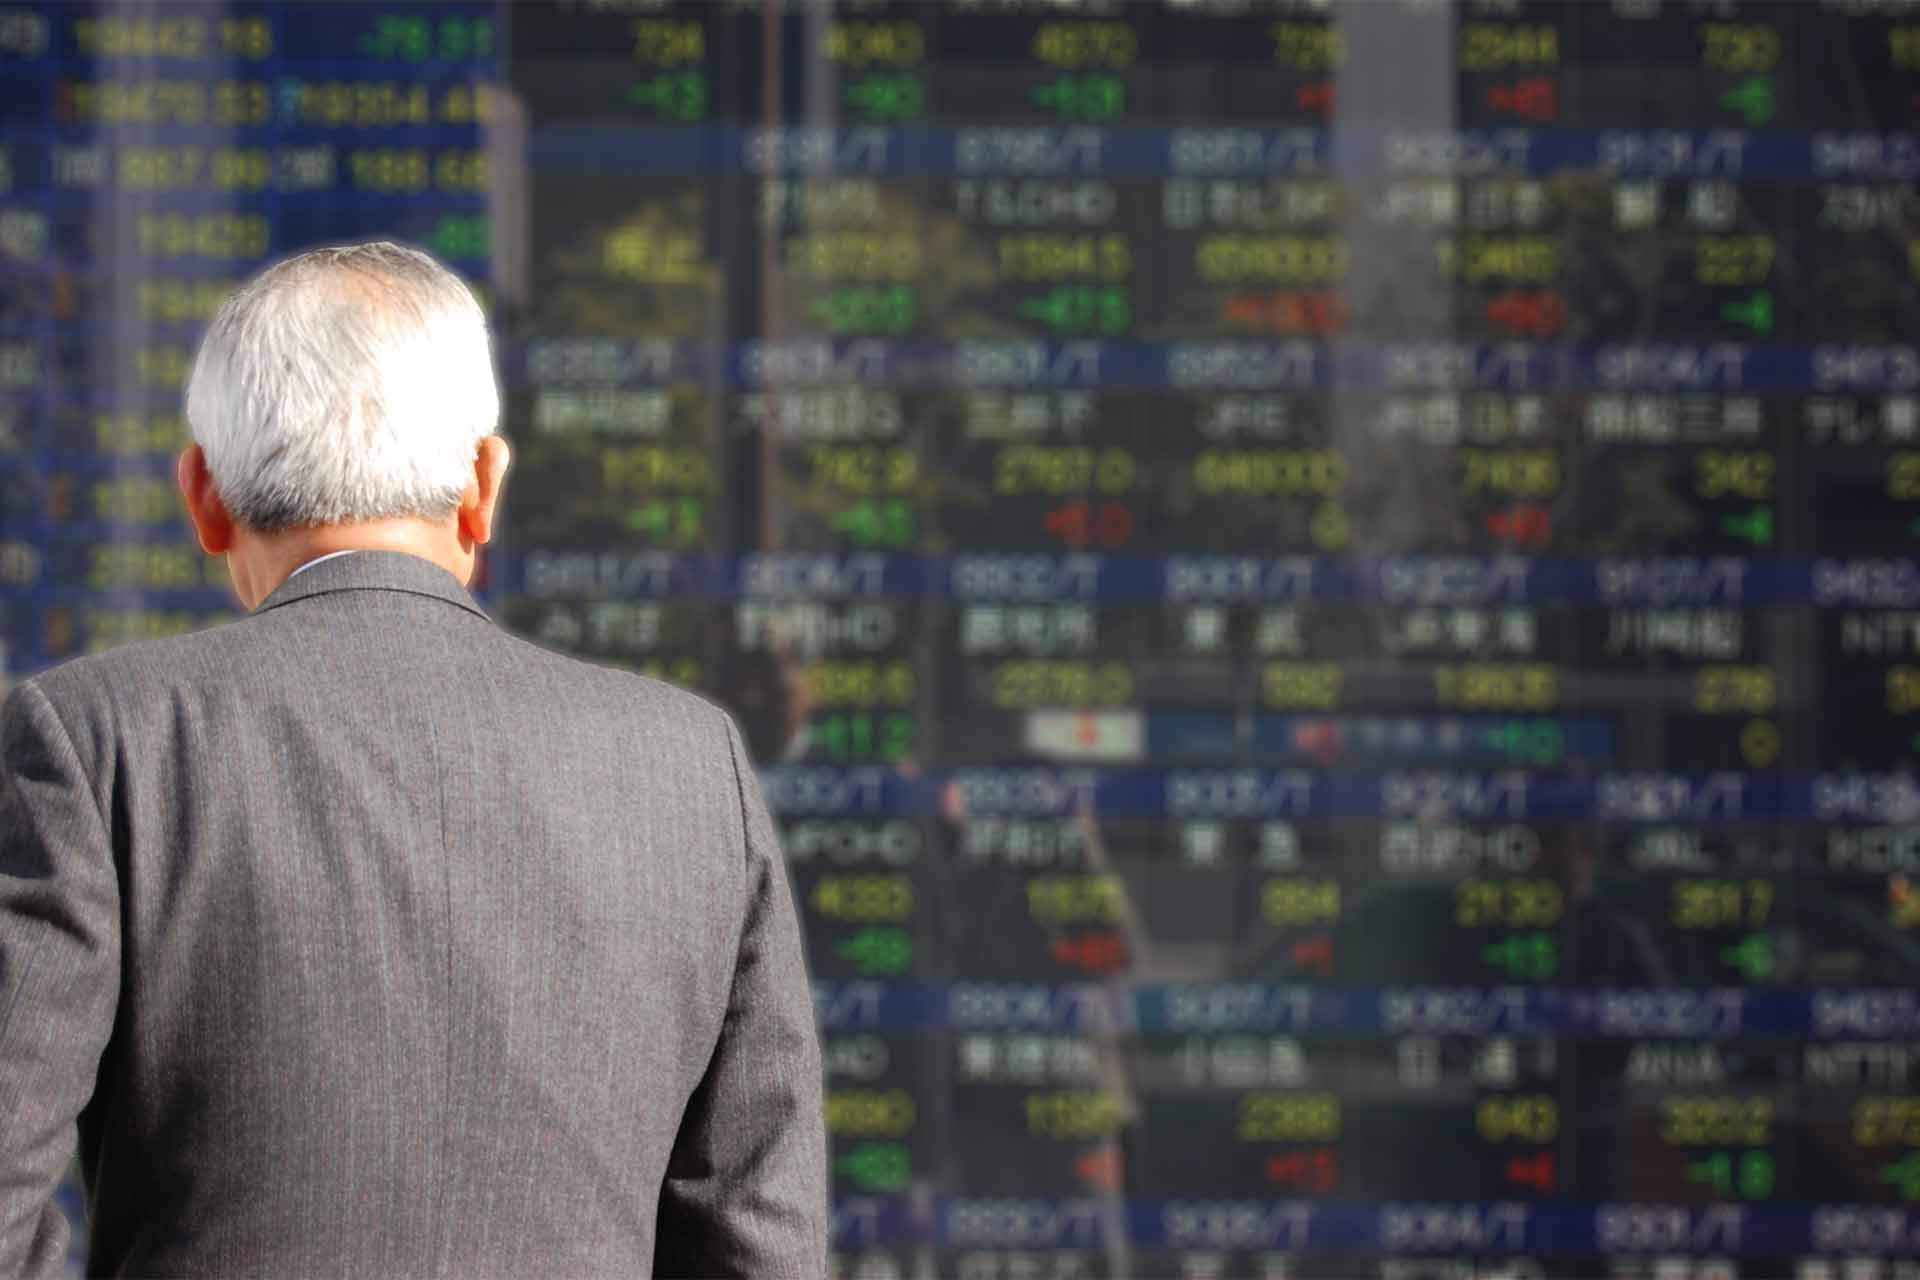 株価ボードを見る男性